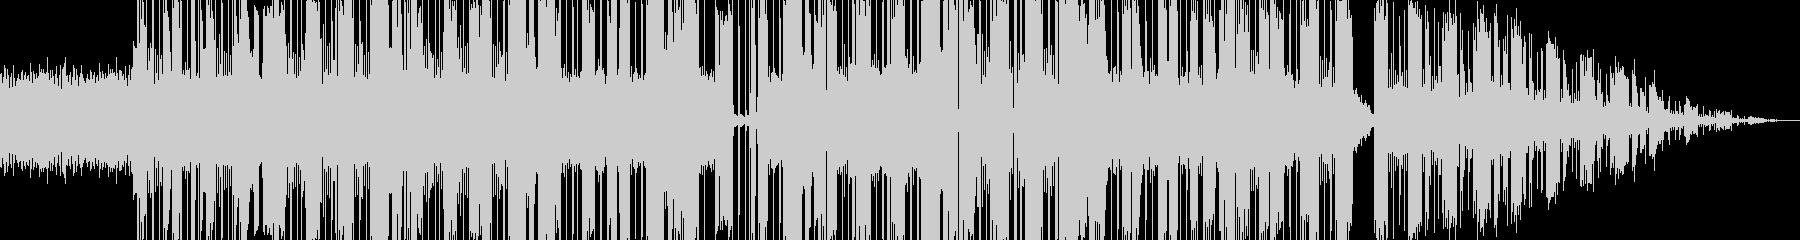 かっこよくて踊れるエレクトロファンクの未再生の波形